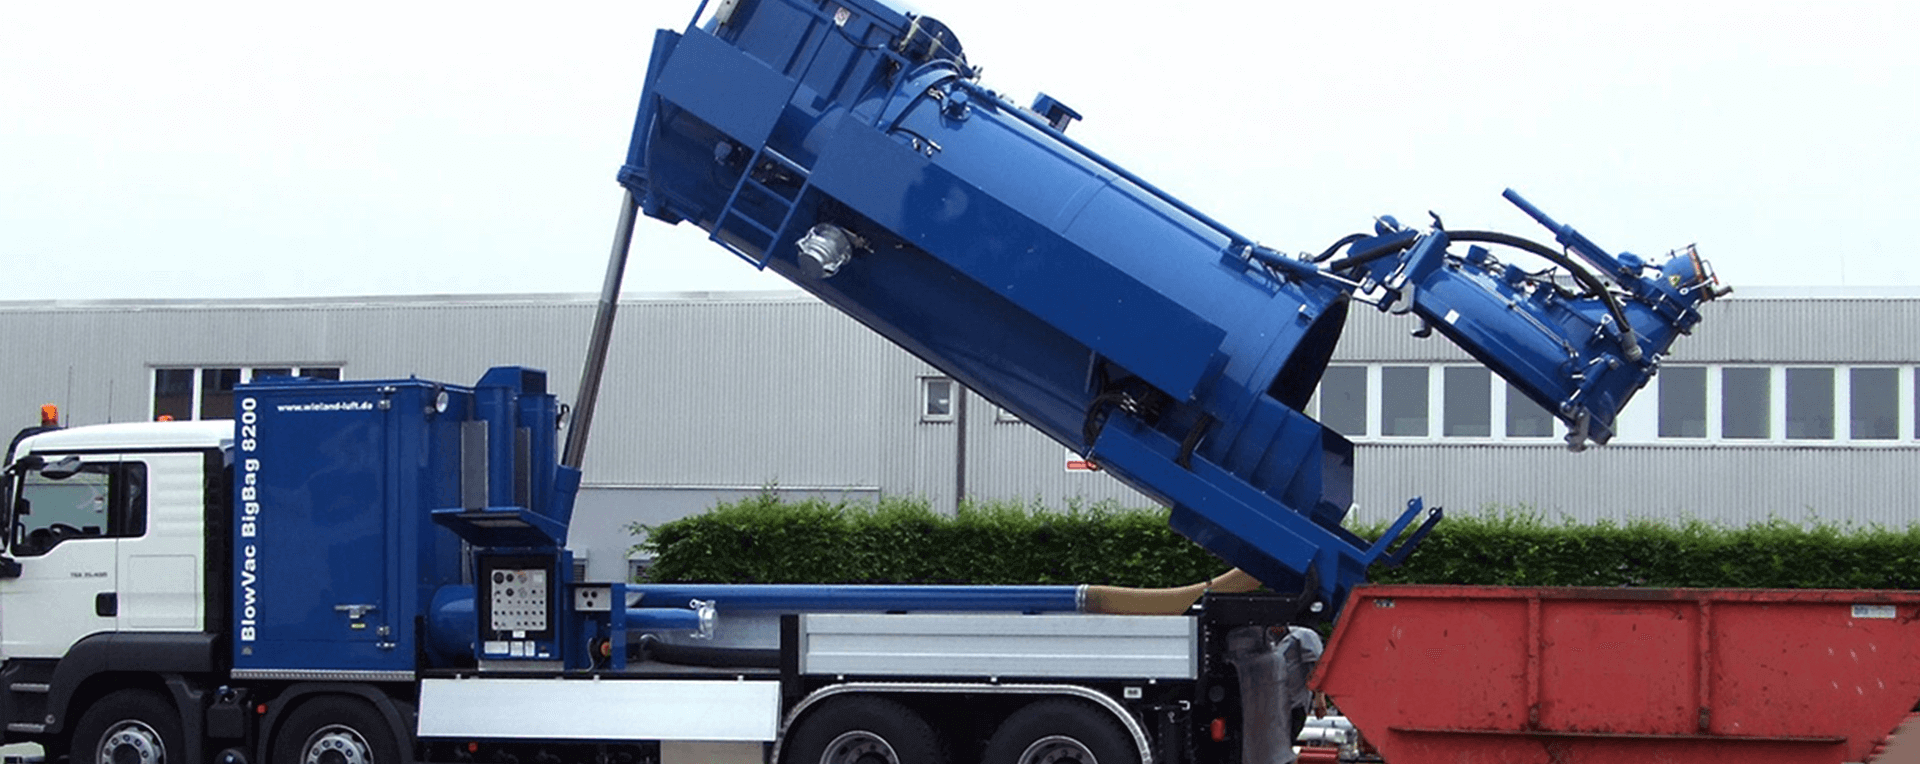 Industrial Vacuum Cleaners And Vacuum Trucks In Dubai Uae